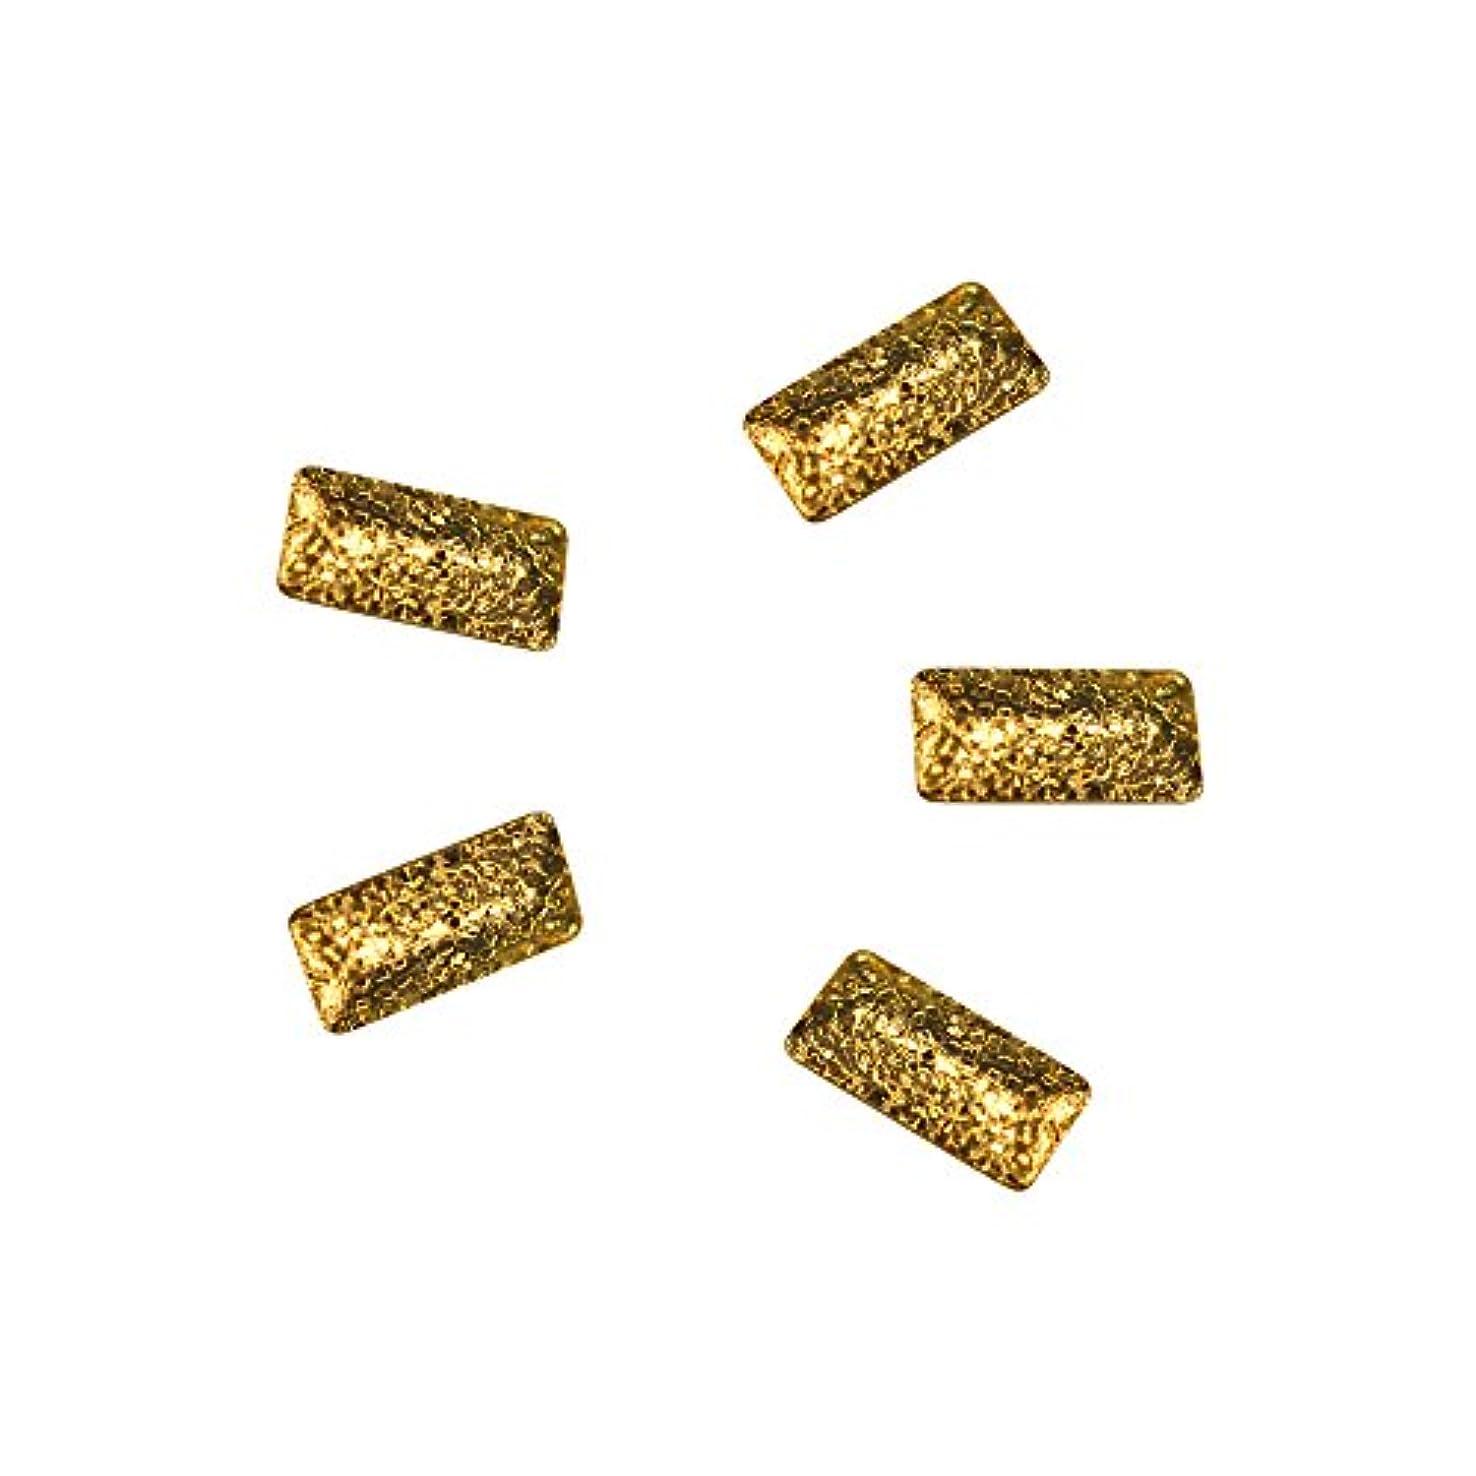 マーガレットミッチェル部分的弱点Bonnail ラフスタッズゴールド レクタングル 3×1.2mm 30P